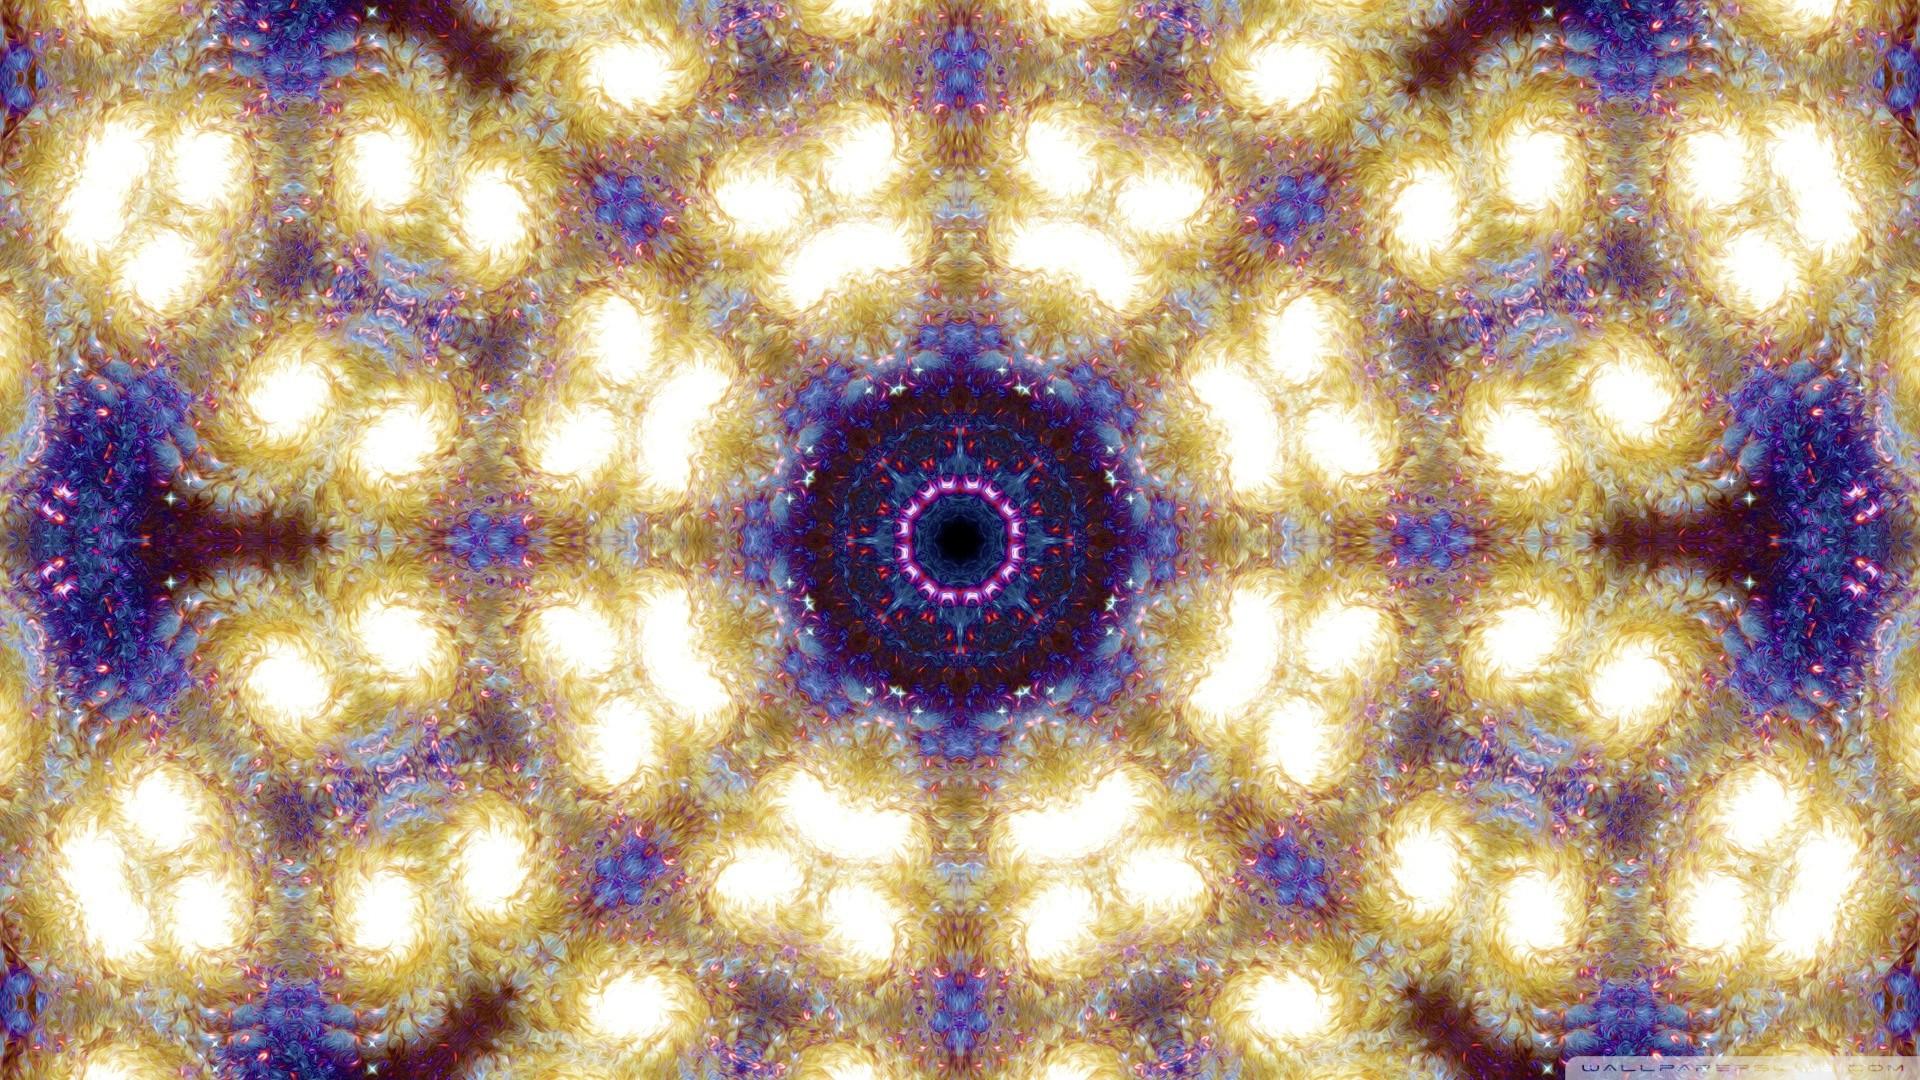 Mandala Desktop Wallpaper 63 Images